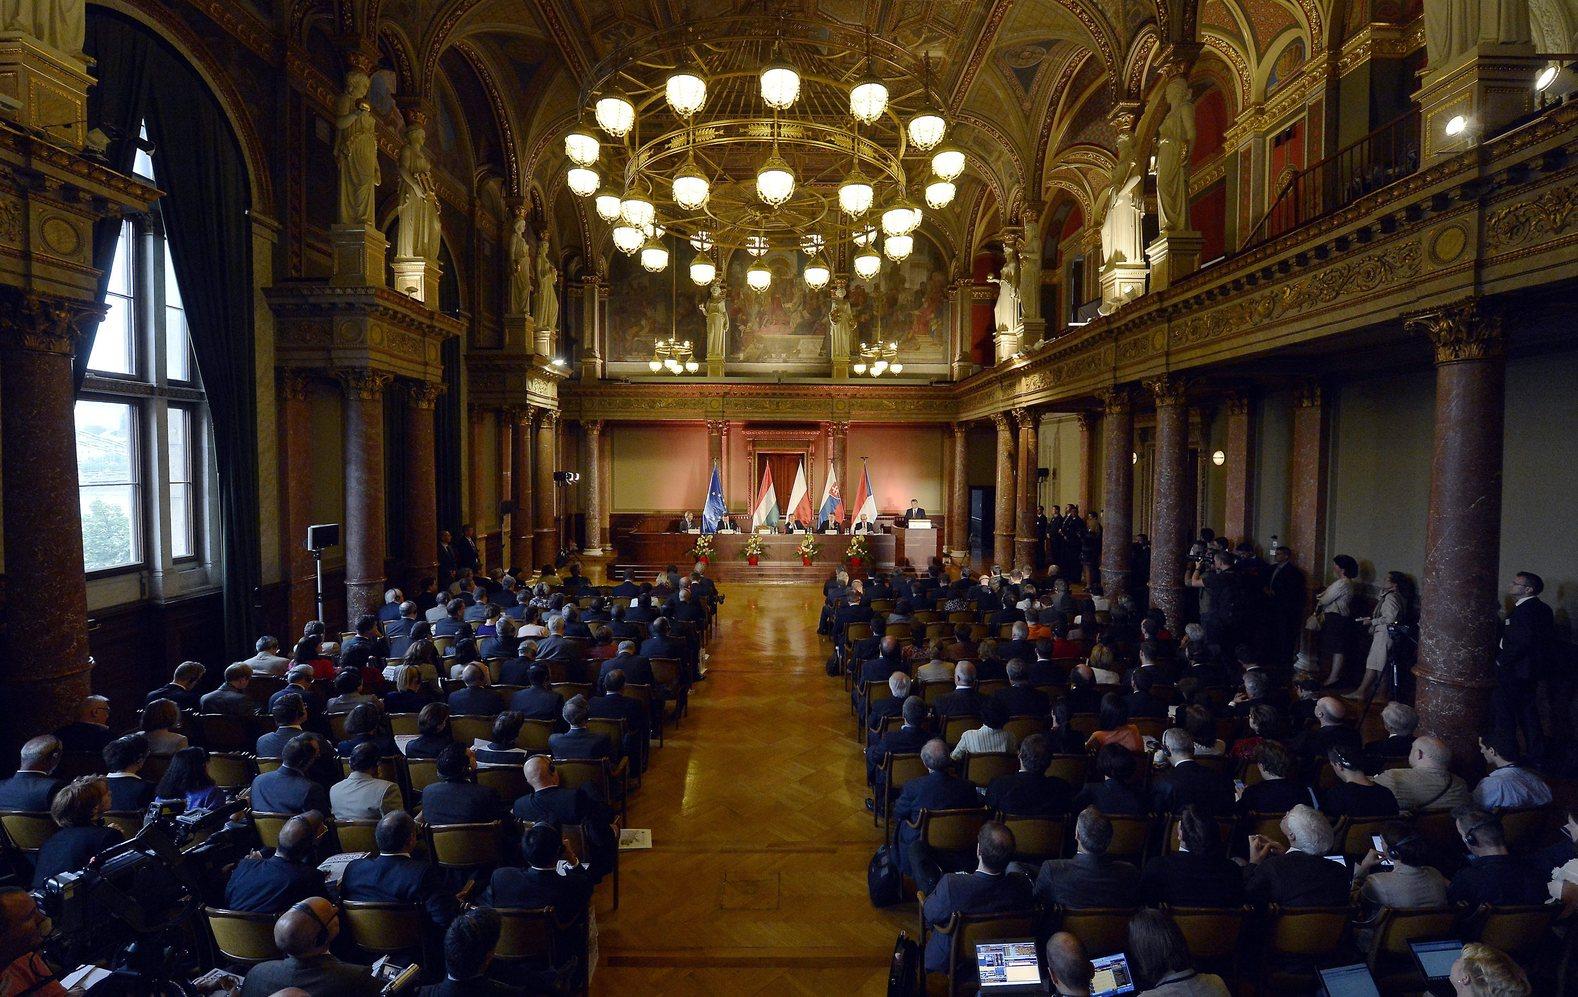 Budapest, 2014. június 24. Orbán Viktor miniszterelnök (j) beszédet mond A visegrádi csoport - Európa növekedési motorja című nemzetközi konferencián a Magyar Tudományos Akadémia épületében 2014. június 24-én. Az asztalnál José Manuel Barroso, az Európai Bizottság elnöke (b2), Donald Tusk lengyel (b3), Robert Fico szlovák (b4) és Bohuslav Sobotka cseh kormányfő (b5). MTI Fotó: Illyés Tibor